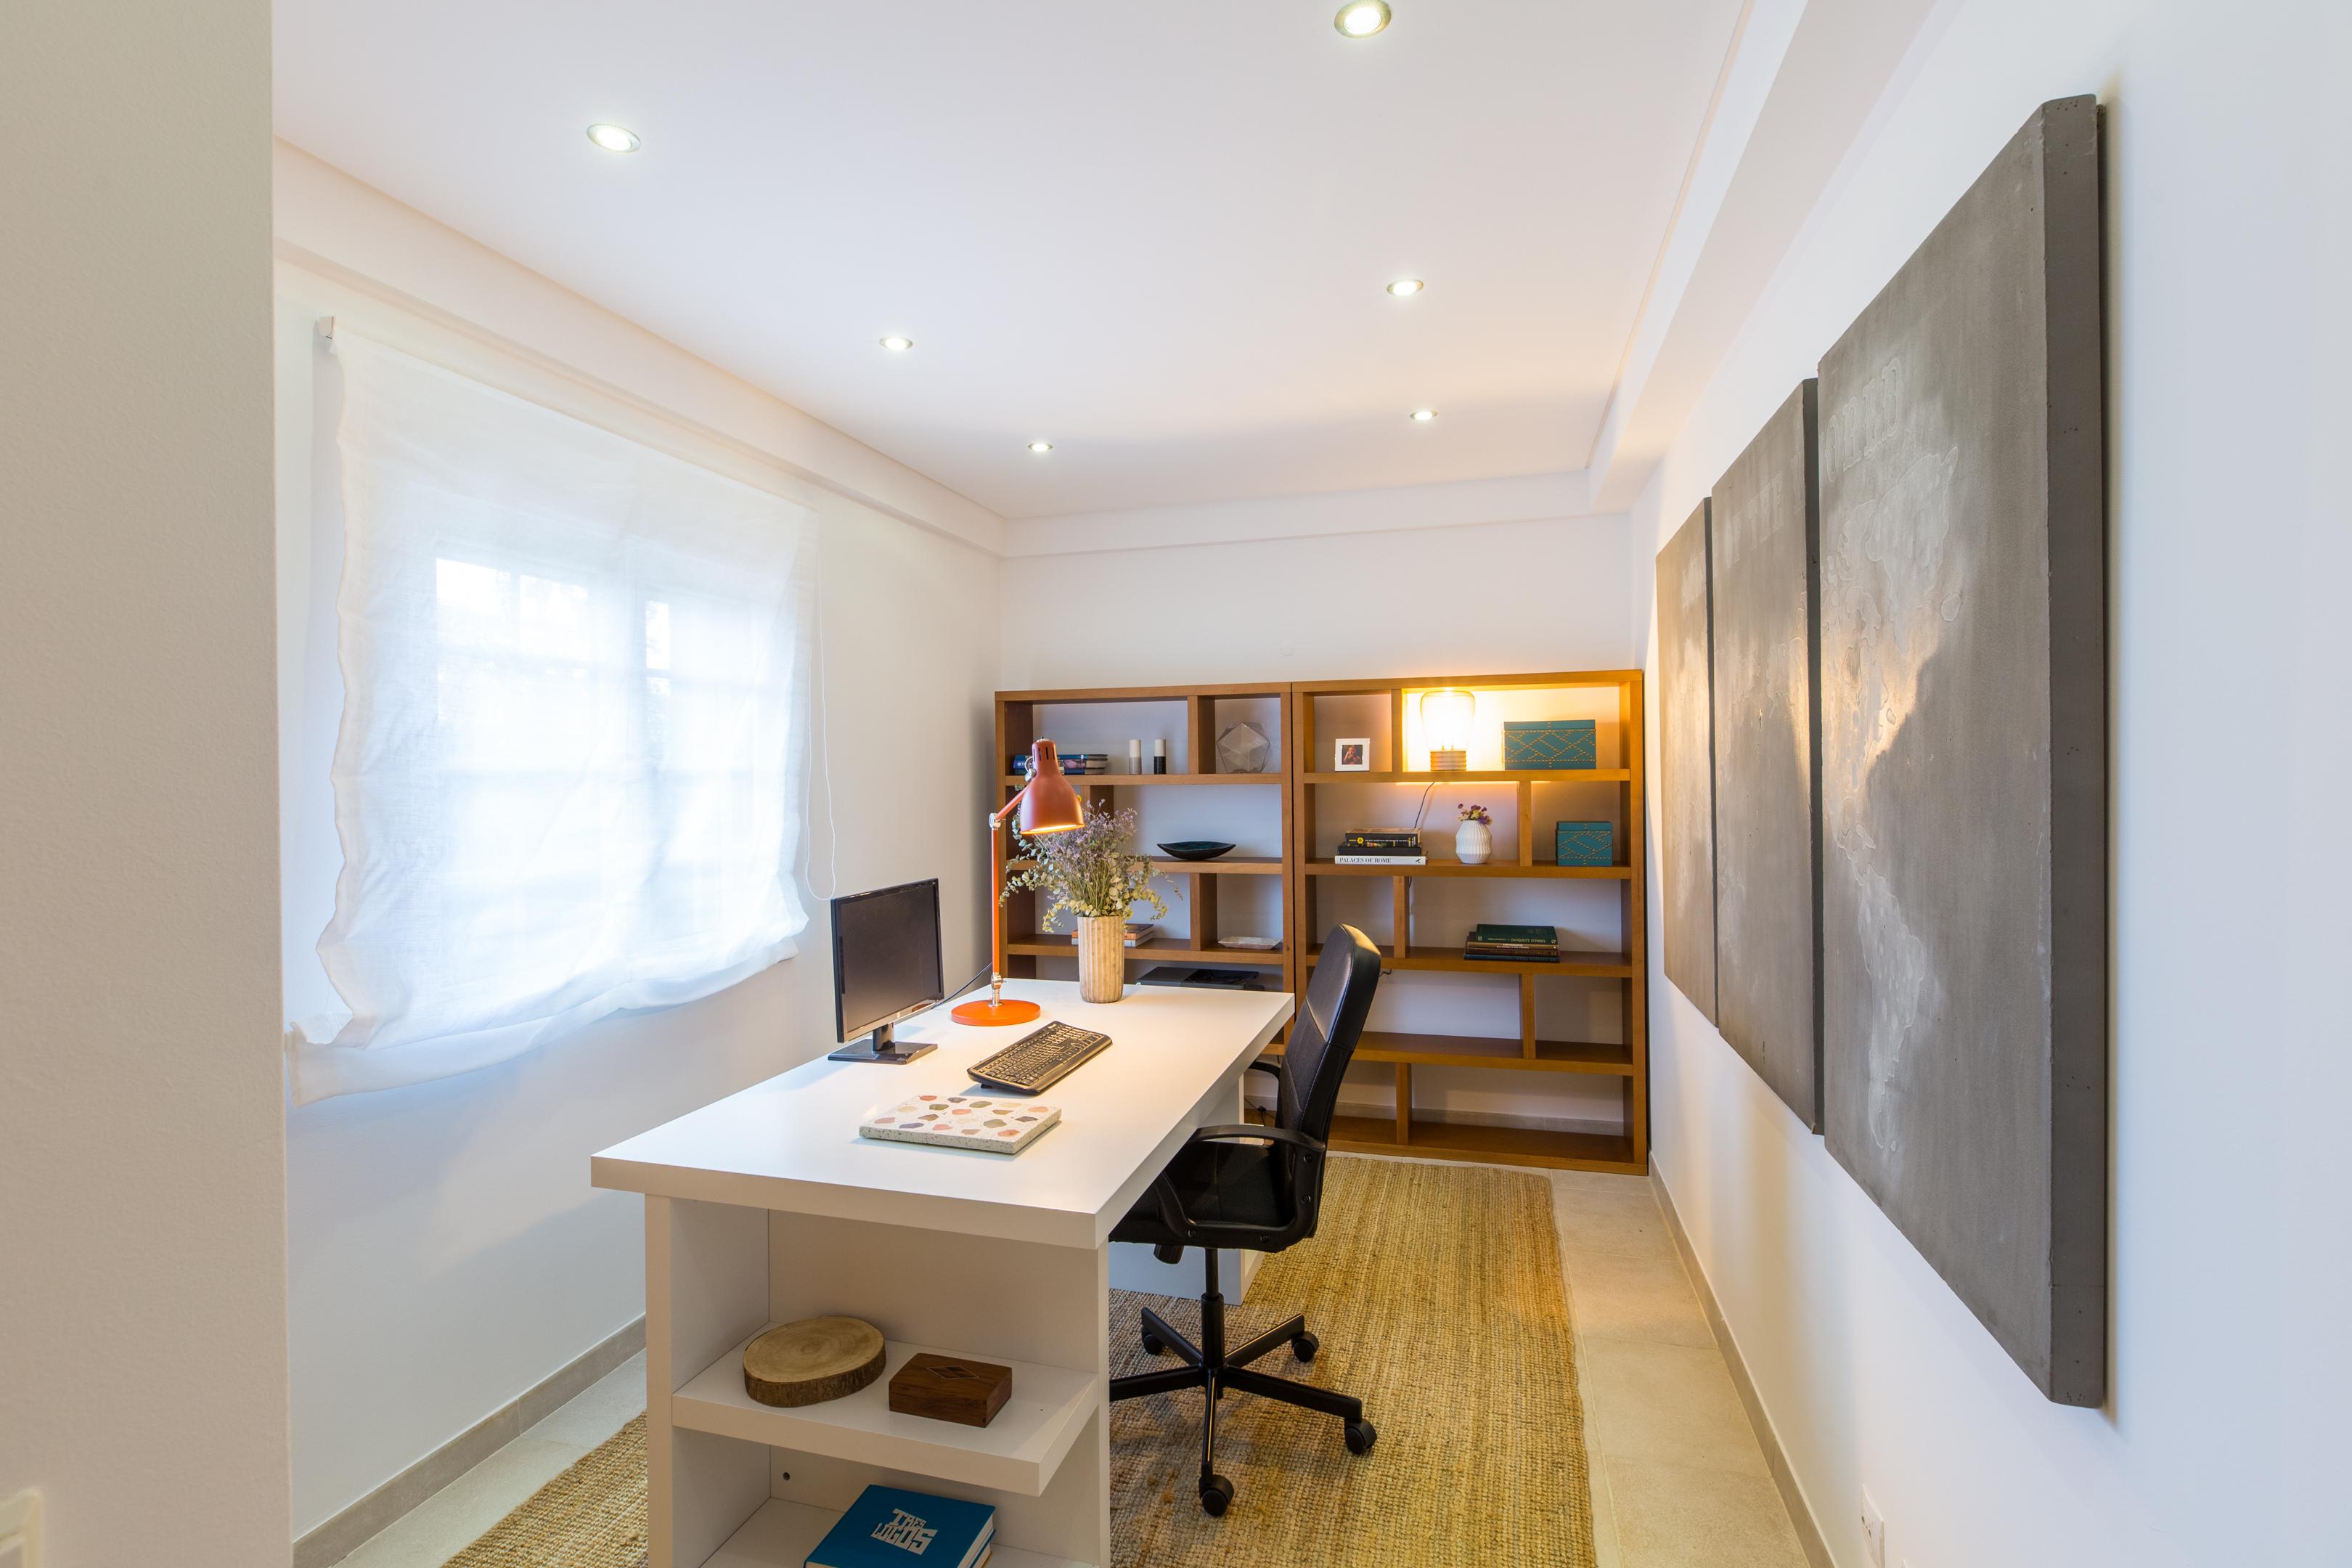 Escritório seguindo as tendências Design de Interiores pós Covid 19